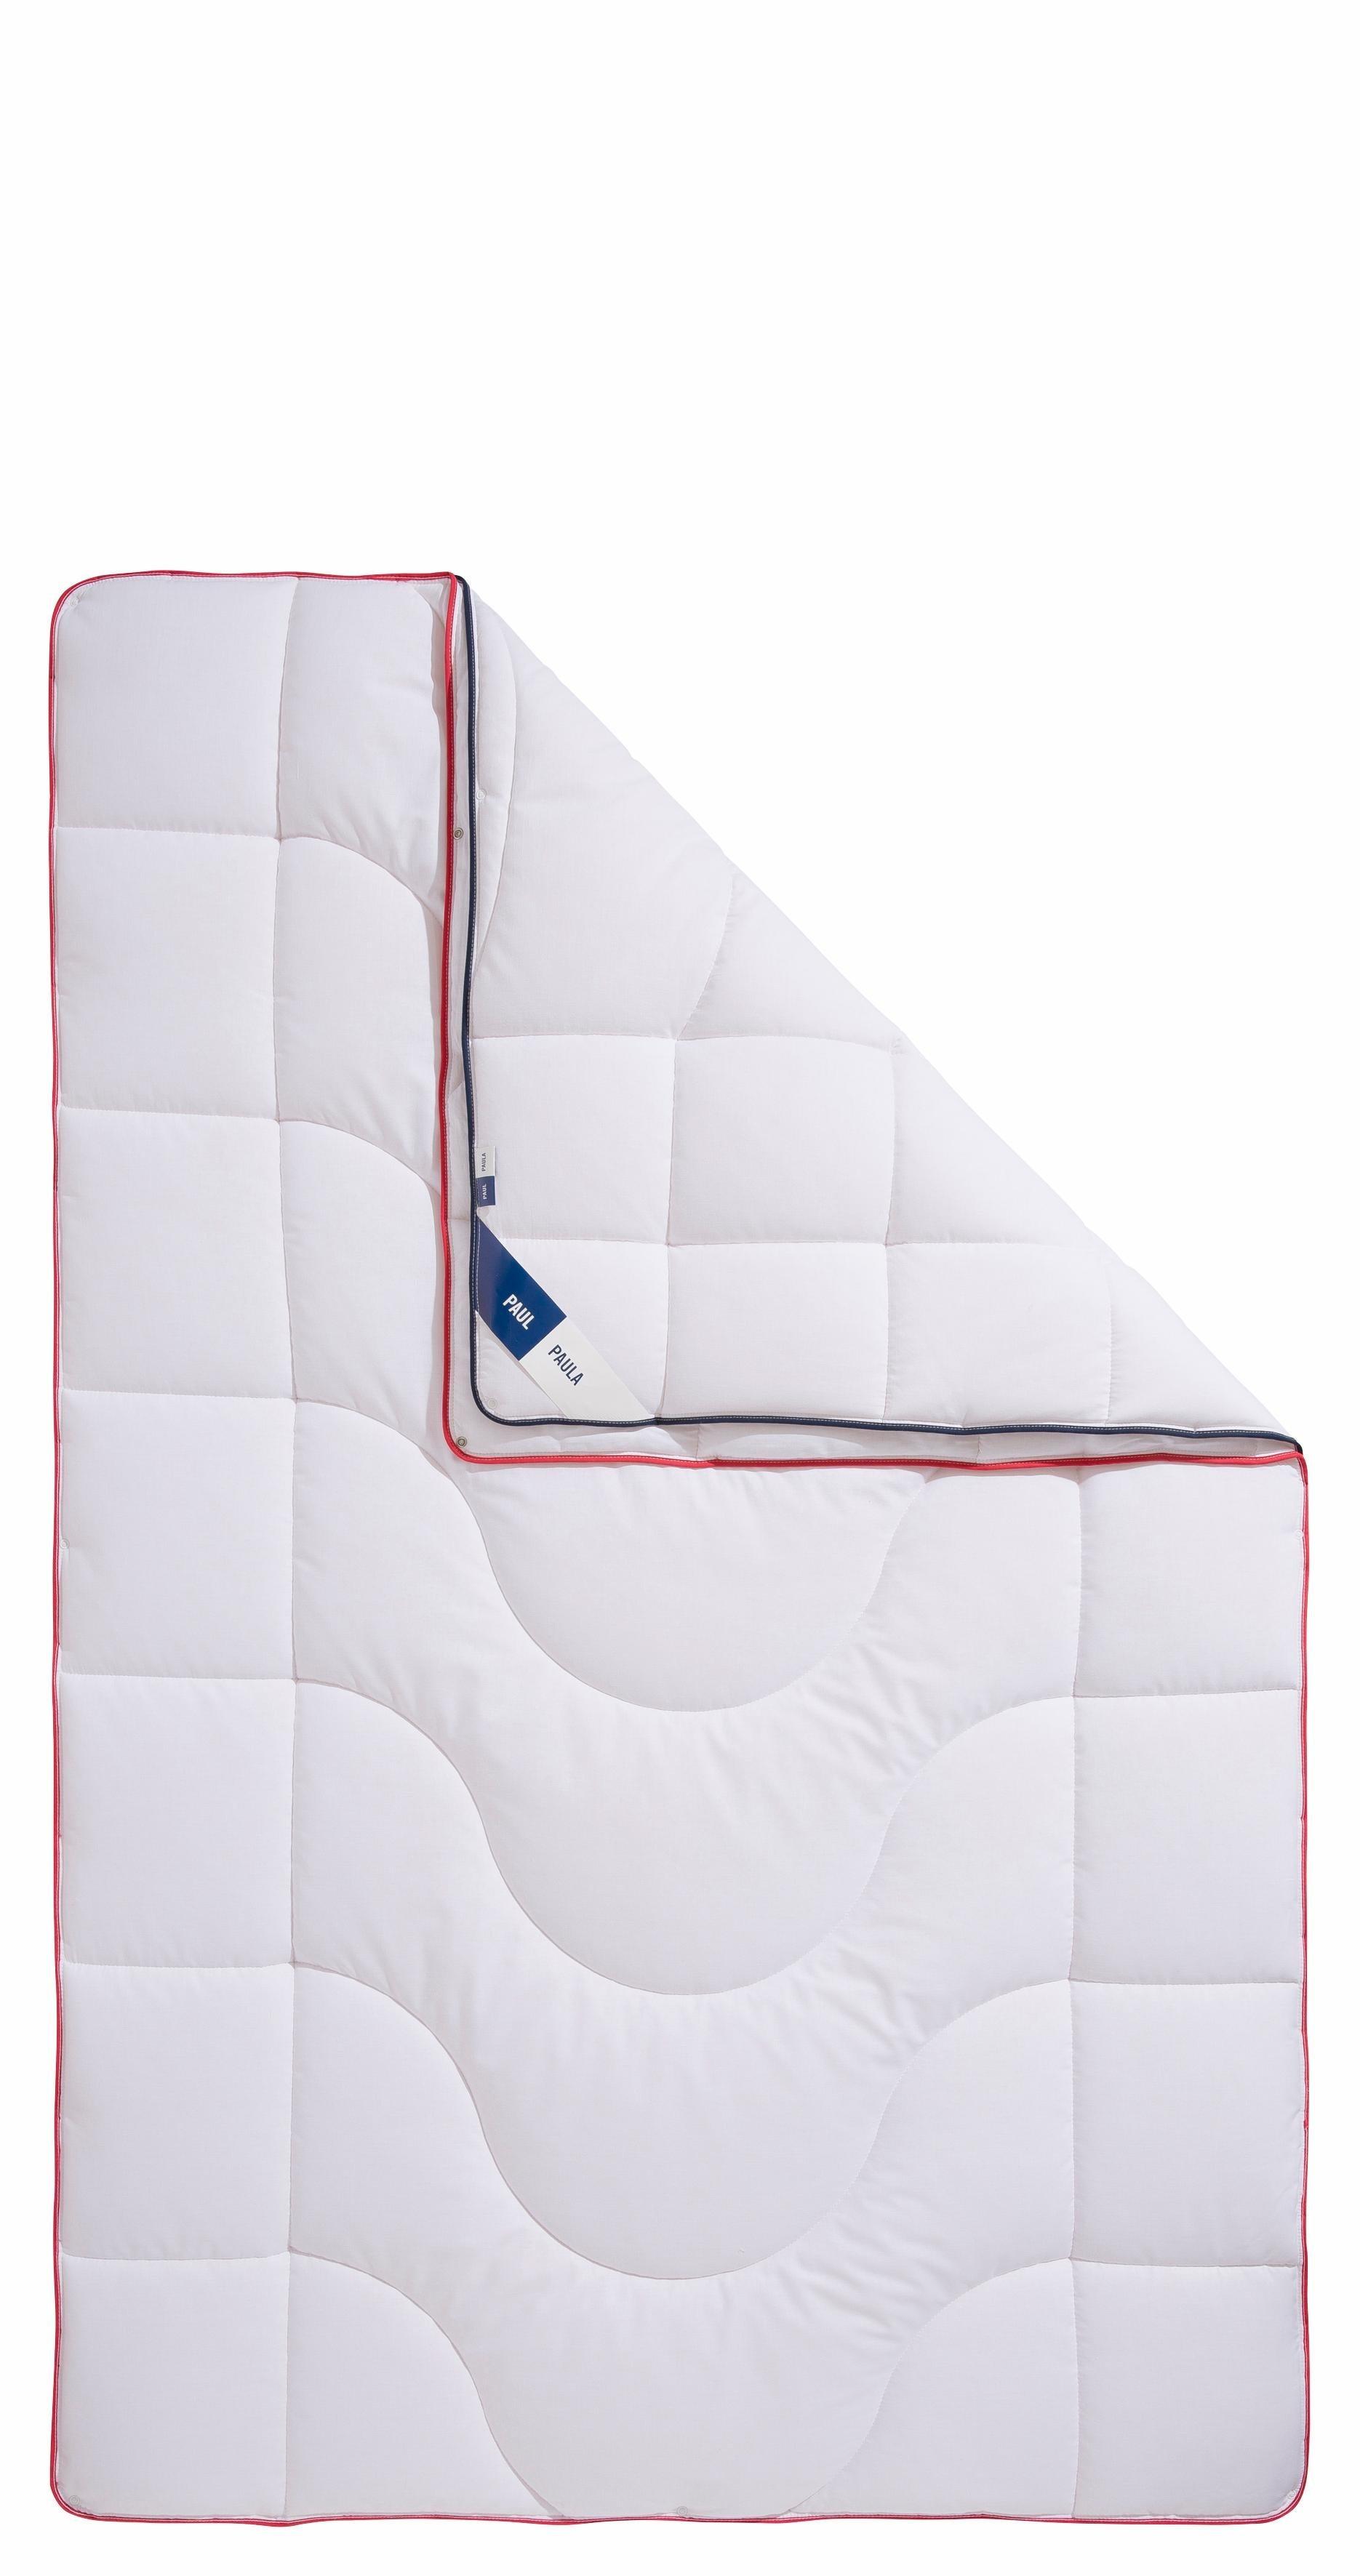 »One Fits All Bettdecke«, Paul-Paula, 4-Jahreszeiten, klimaregulierend, Baumwolle 155x220 cm thumbnail